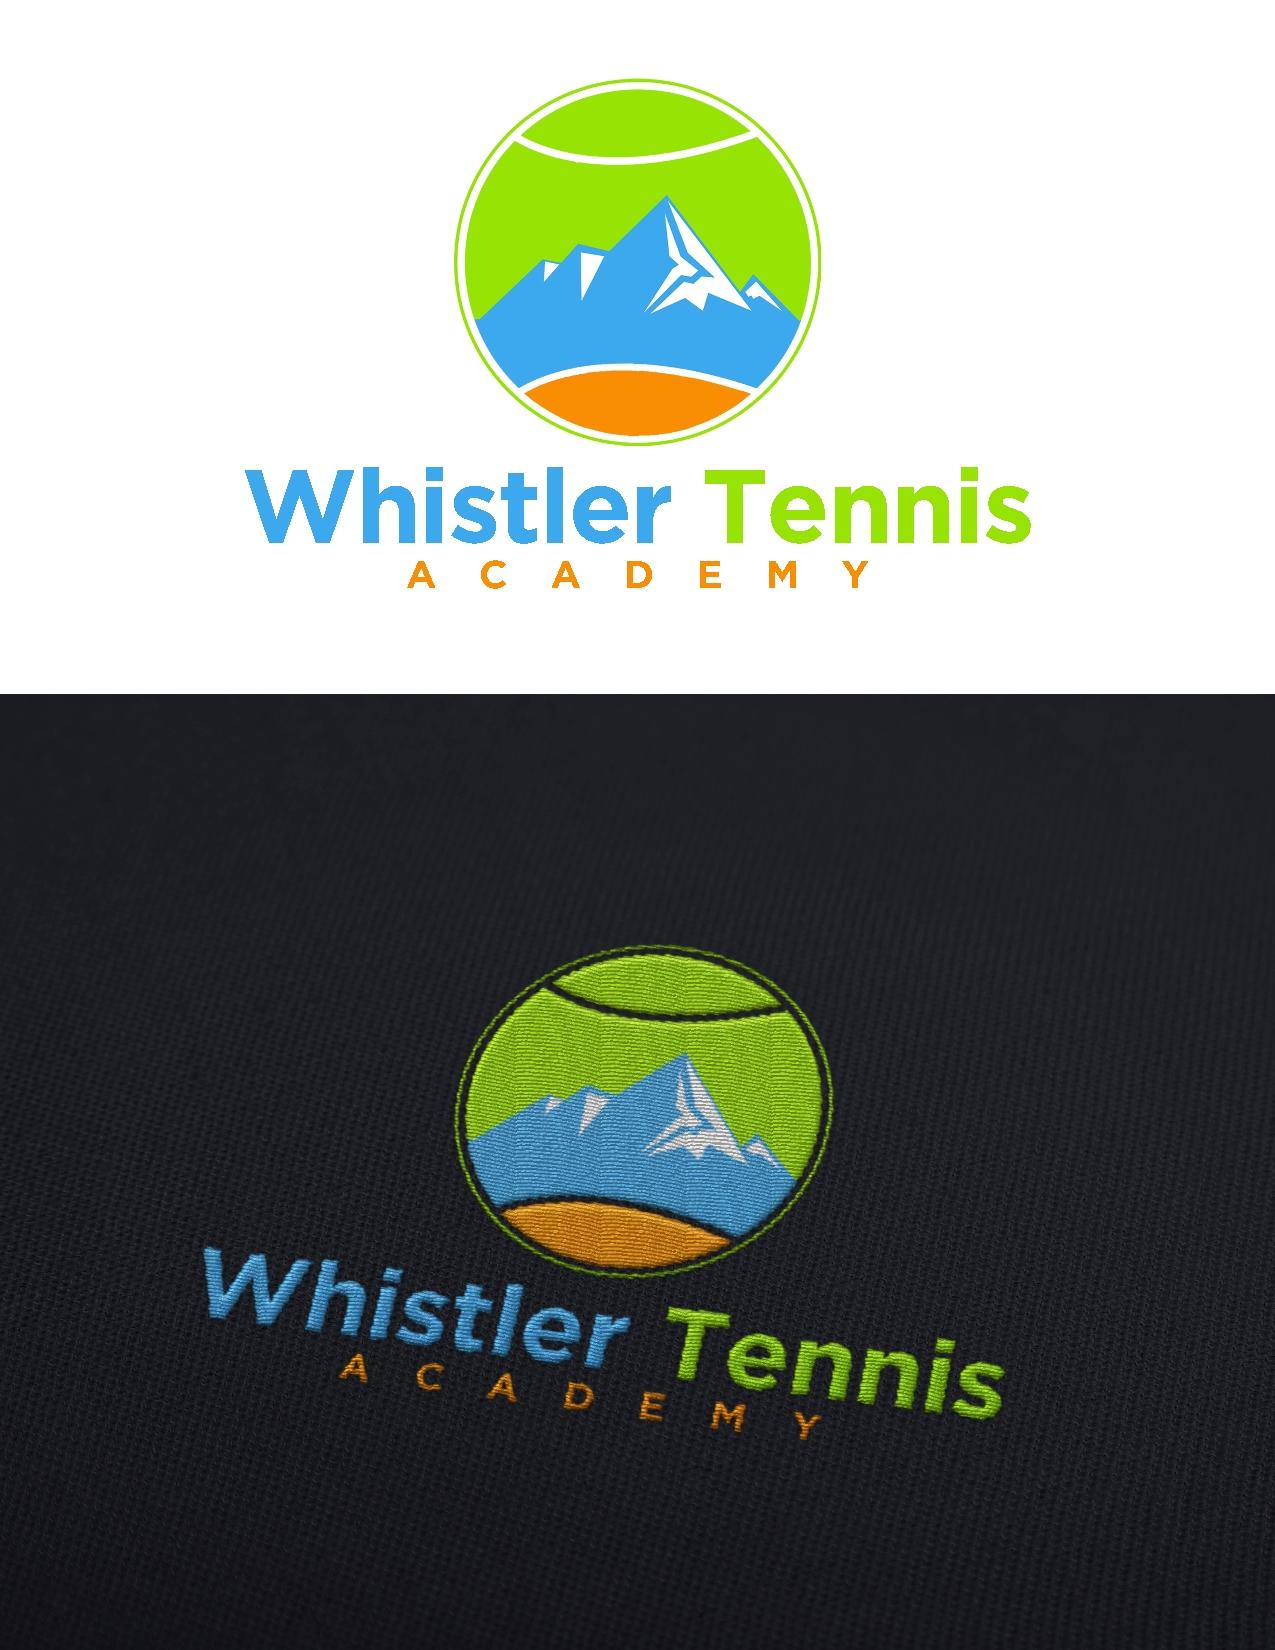 Logo Design by Juan_Kata - Entry No. 195 in the Logo Design Contest Imaginative Logo Design for Whistler Tennis Academy.